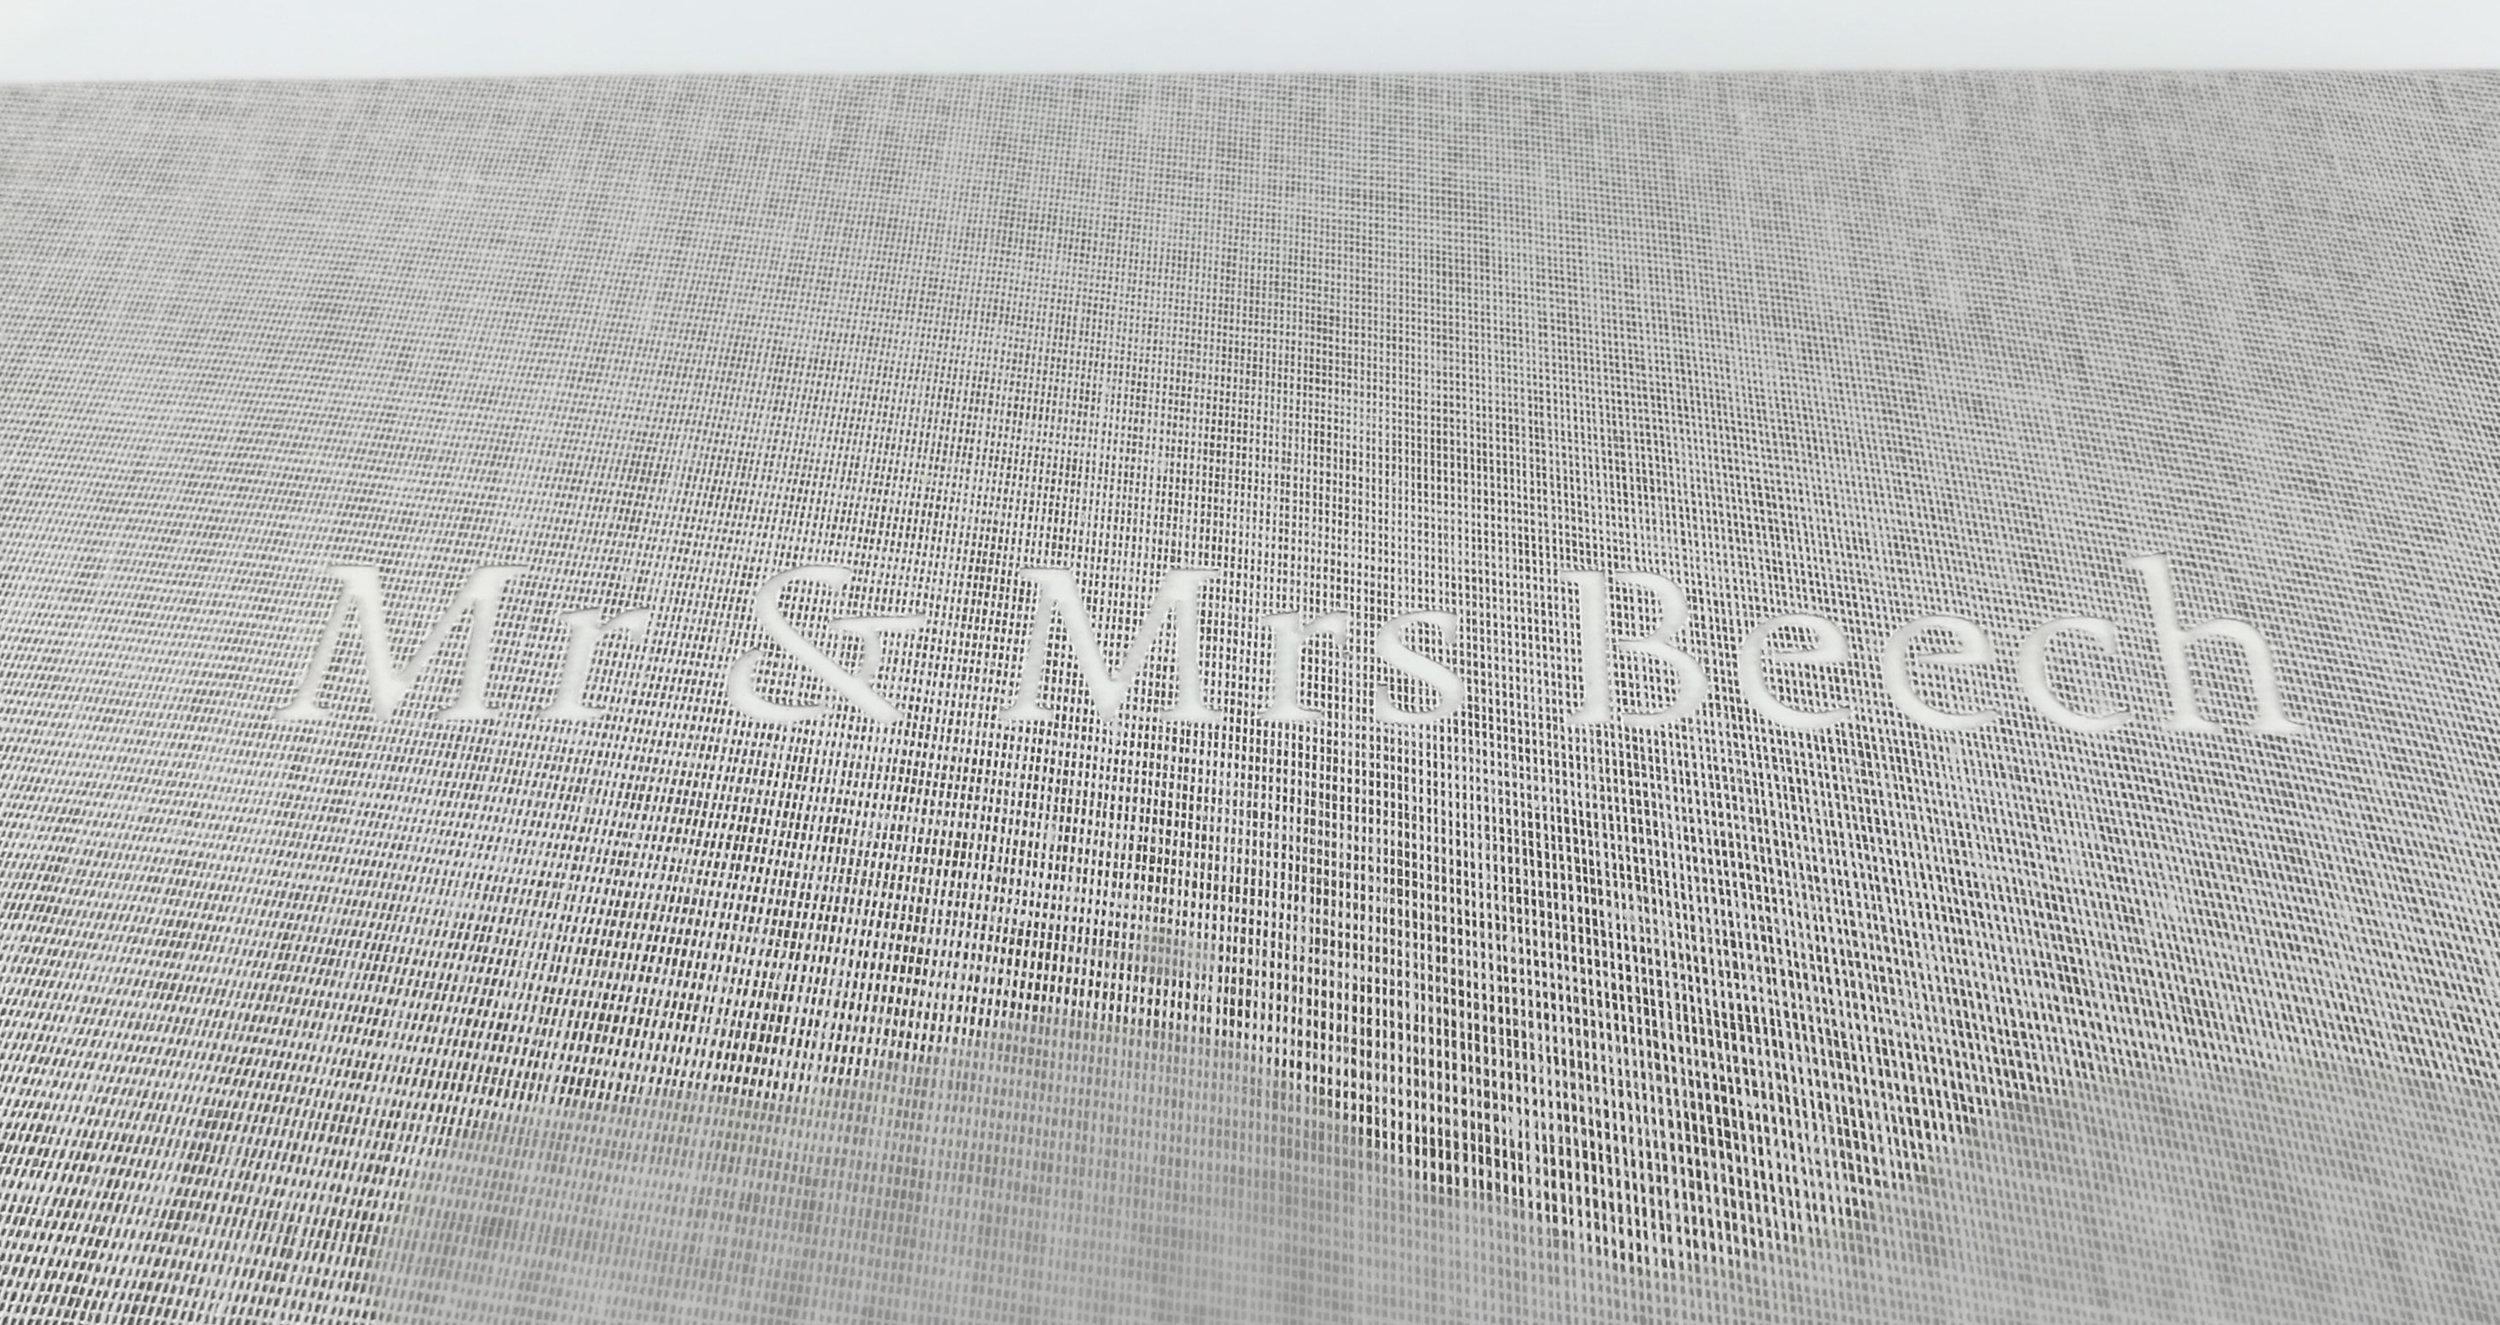 Mr & Mrs Beech lettering view.jpg